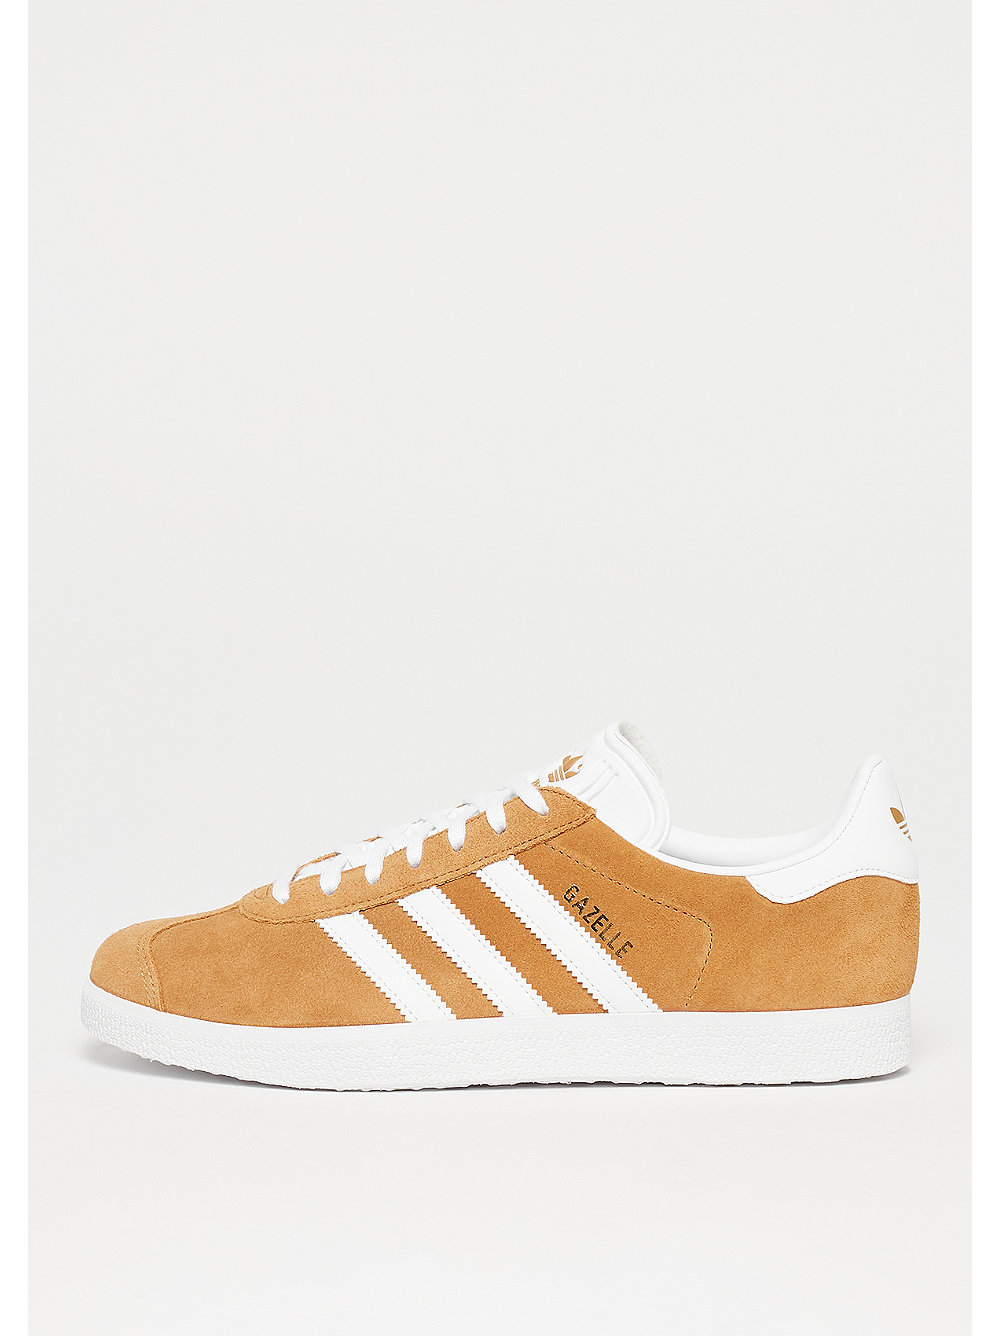 adidas Gazelle mesa/ftwr white/ftwr white